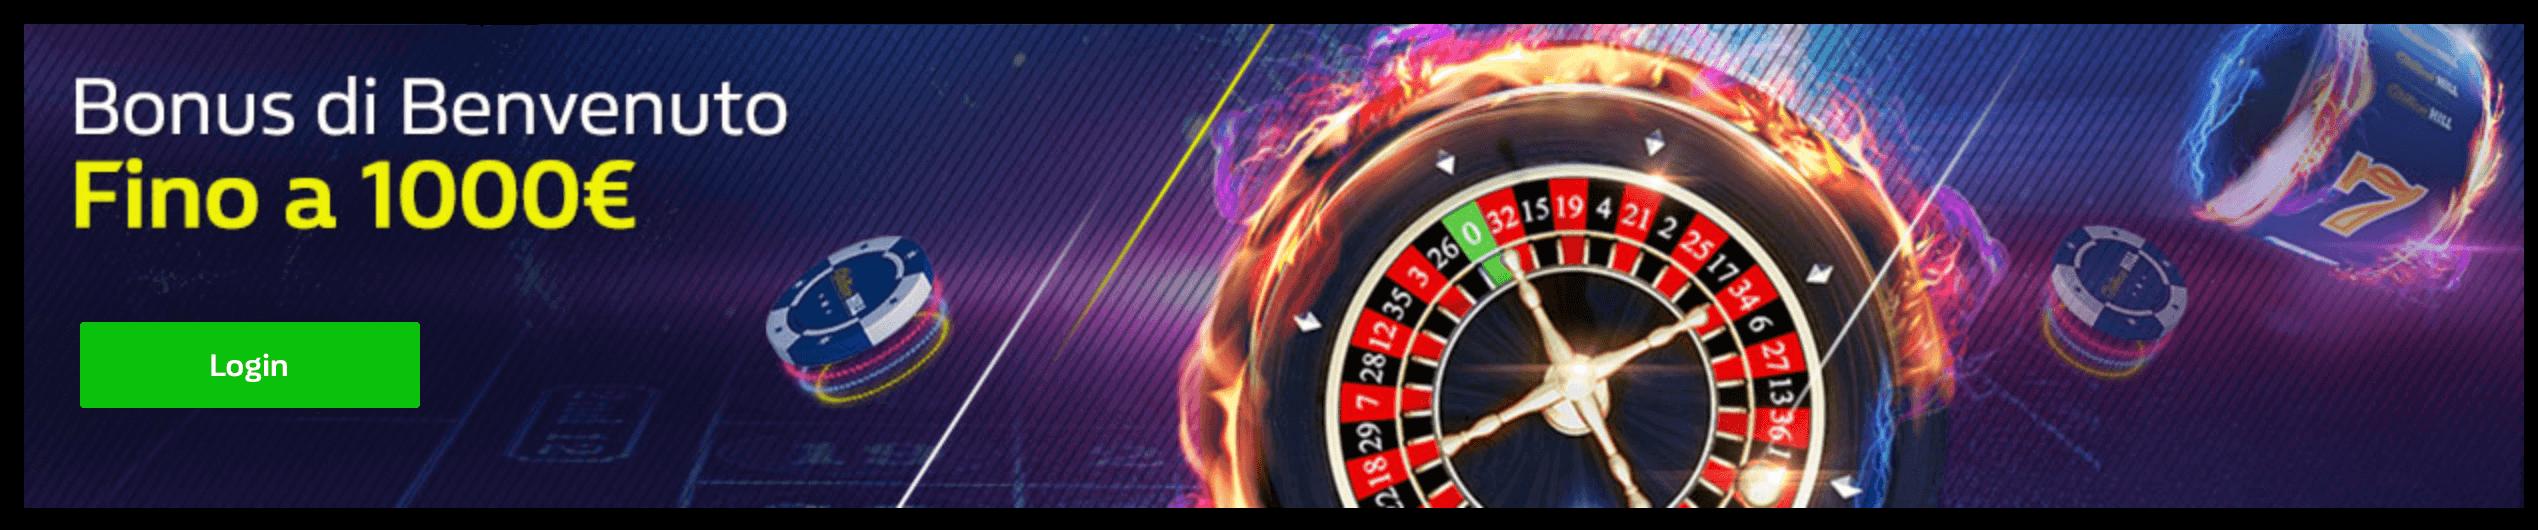 williamhill casino bonus ottobre